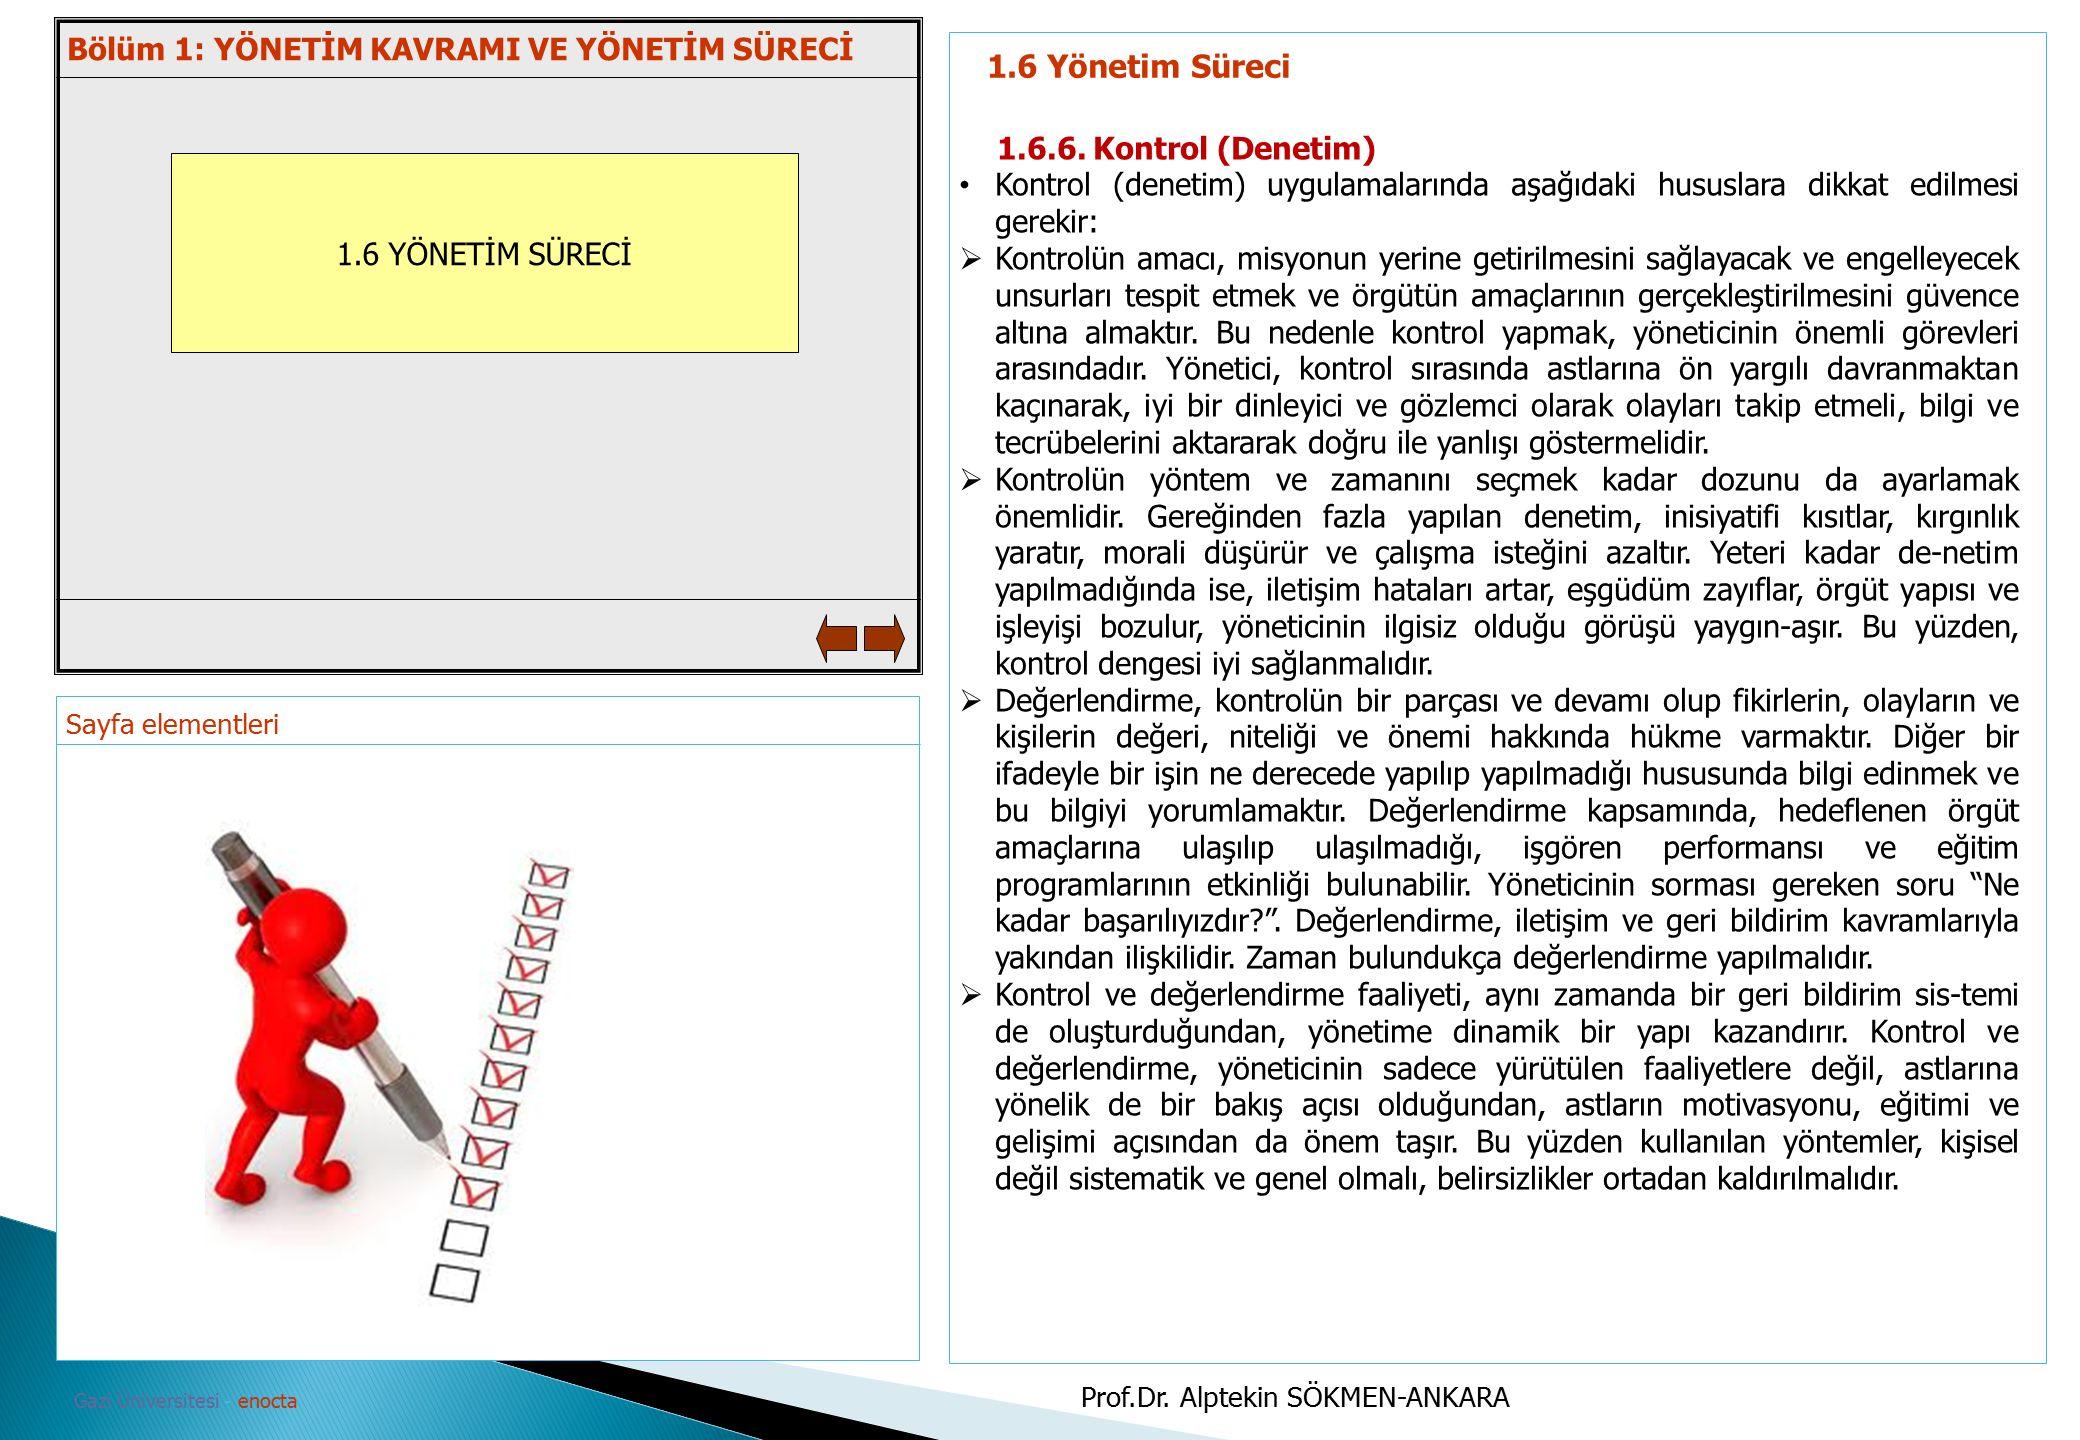 Sayfa elementleri Gazi Üniversitesi - enocta 1.6 YÖNETİM SÜRECİ 1.6 Yönetim Süreci 1.6.6. Kontrol (Denetim) Kontrol (denetim) uygulamalarında aşağıdak